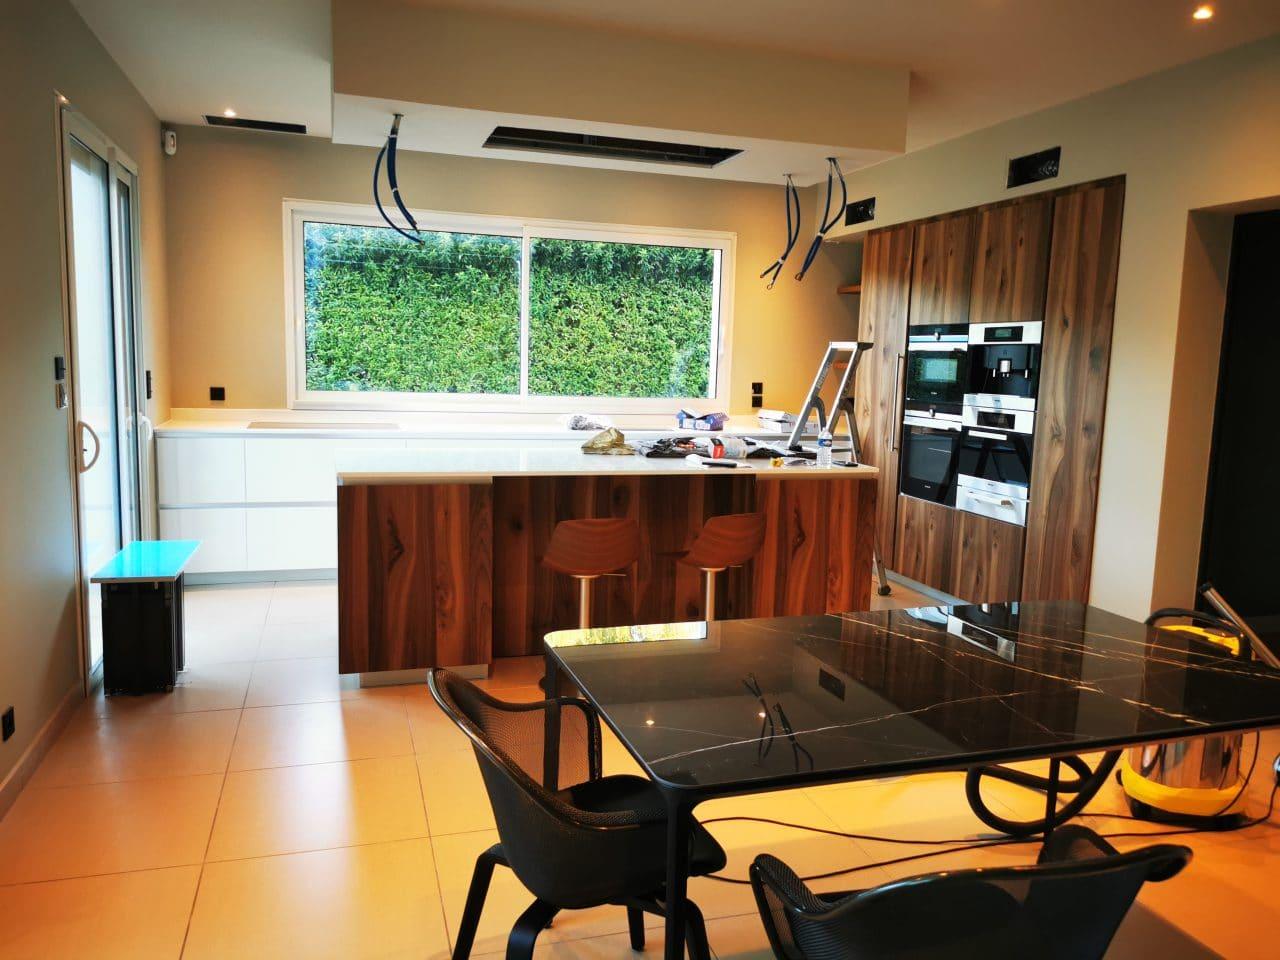 Cuisine - Rénovation d'une maison à Saint Sulpice et Cameyrac (33)